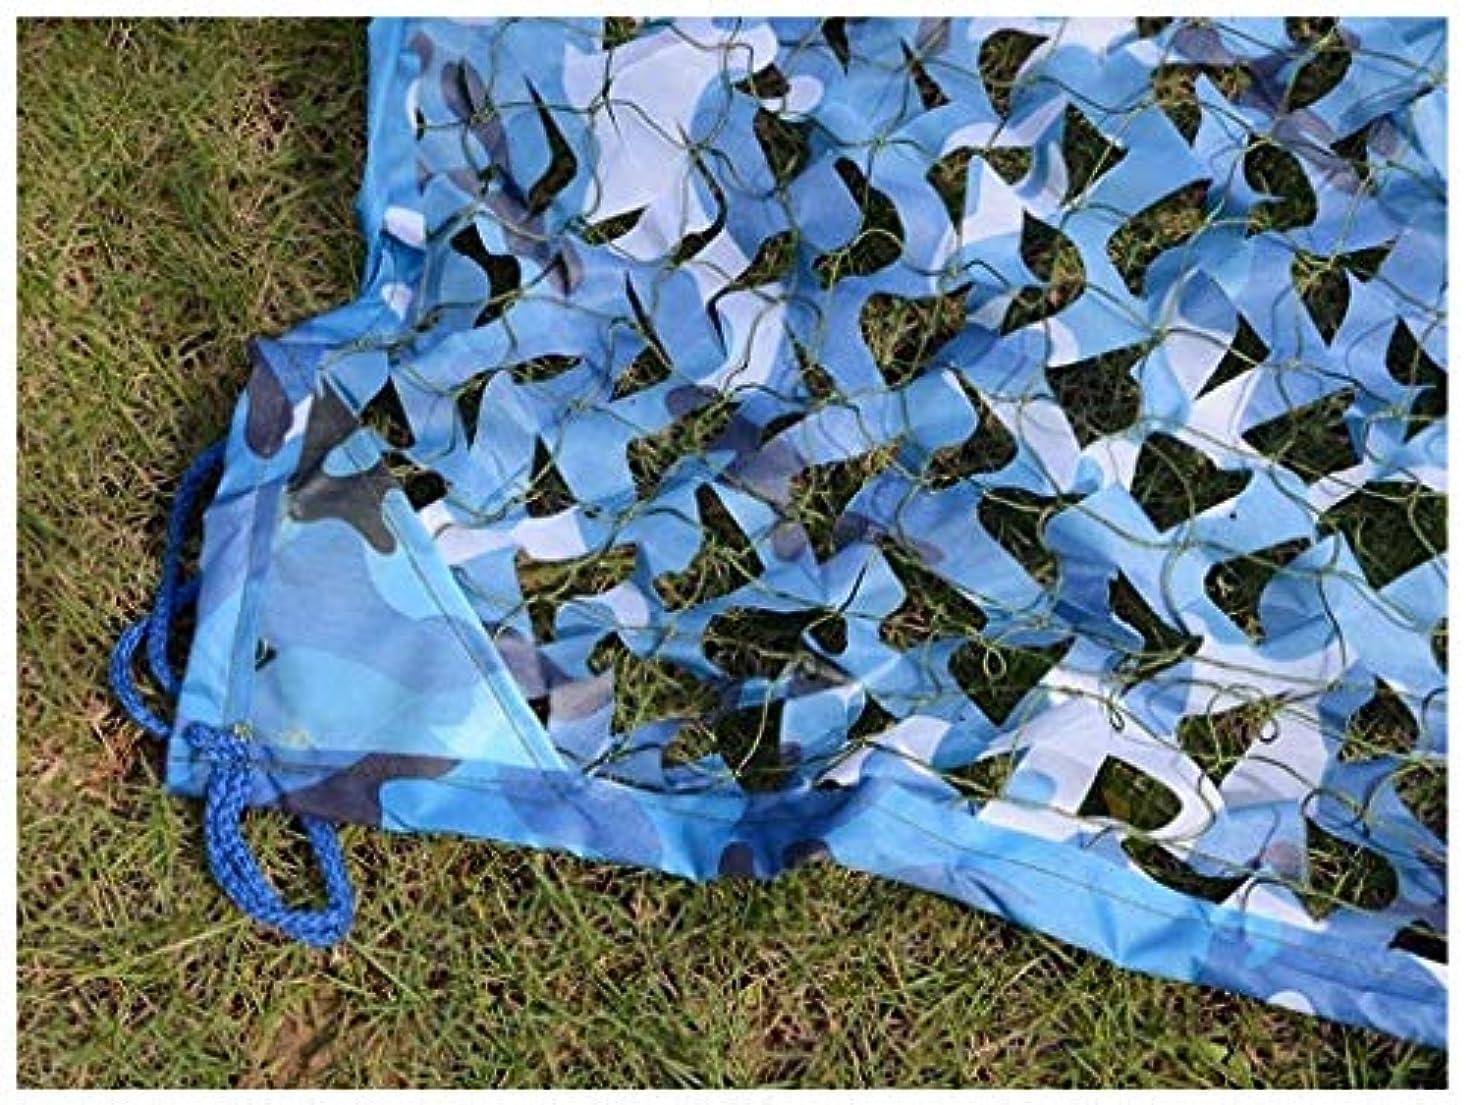 プロポーショナルアルネ明日迷彩ネットシェードネット カモフラージュネットオックスフォード布は、隠されたサンシェード撮影軍事アンチUVハロウィーンの装飾のために厚くなる 2x3mマルチサイズオプション (色 : D, サイズ さいず : 10m*10m)